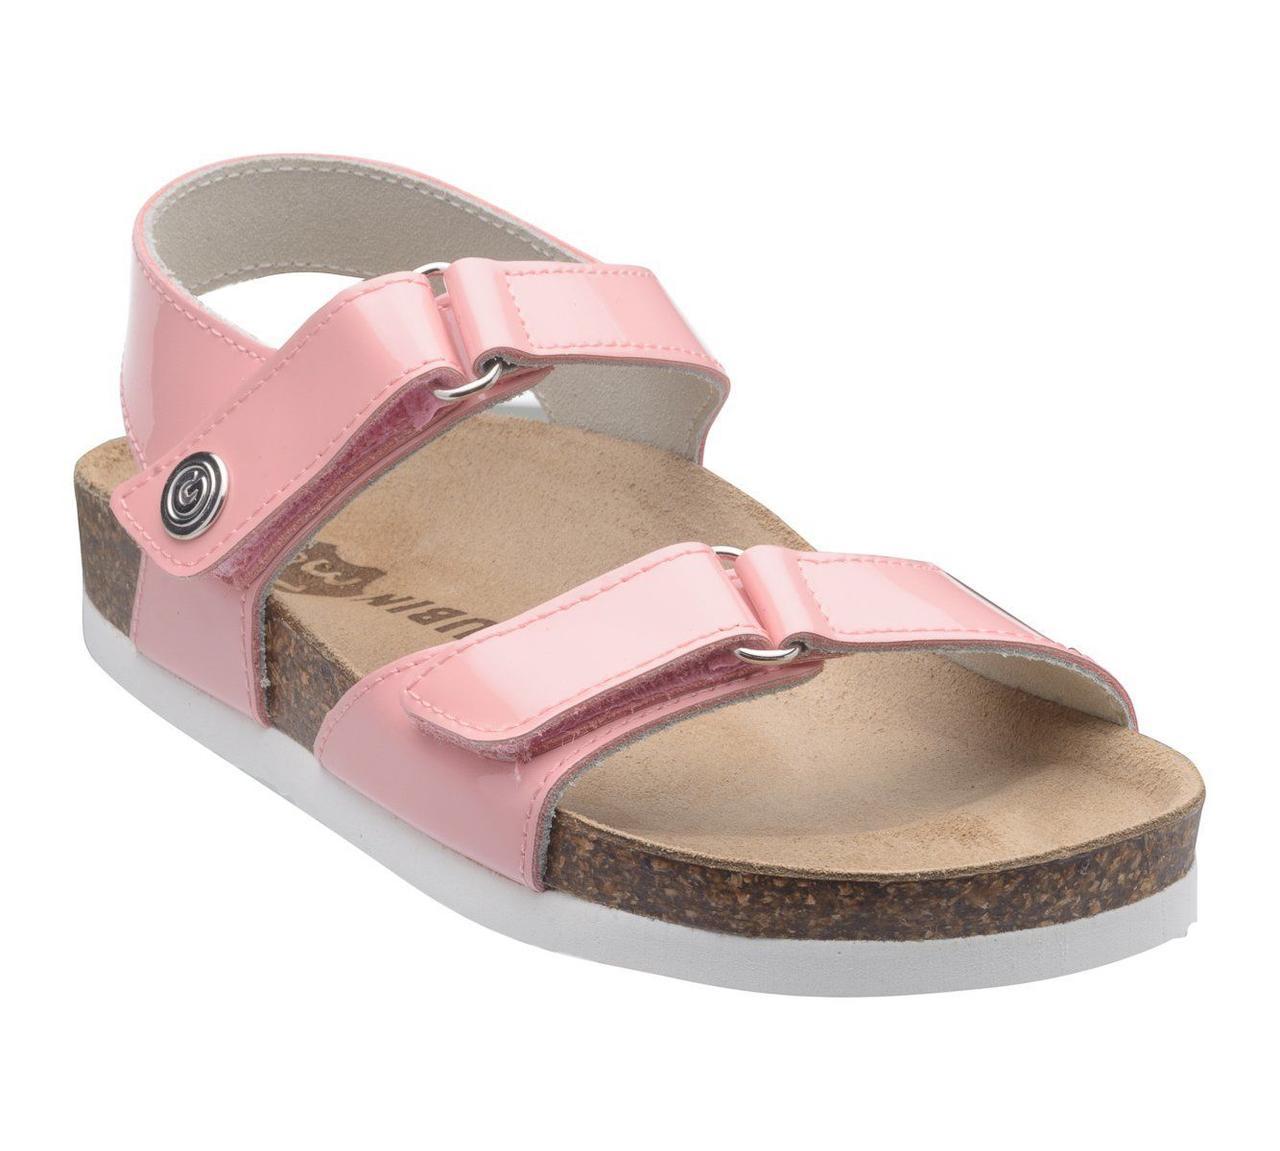 Сандалии ортопедические детские Rafaelo, цвет - розовый, размер - 30